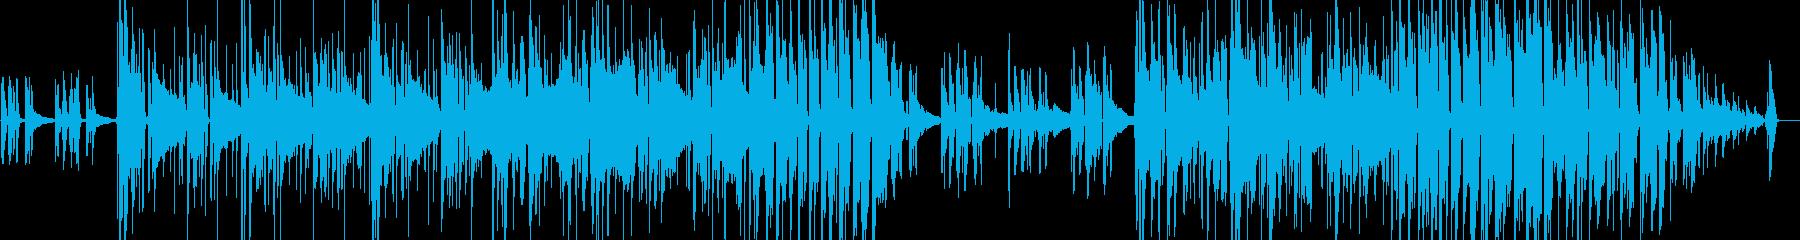 ジャズ楽器。 「コメディ」のひねり...の再生済みの波形